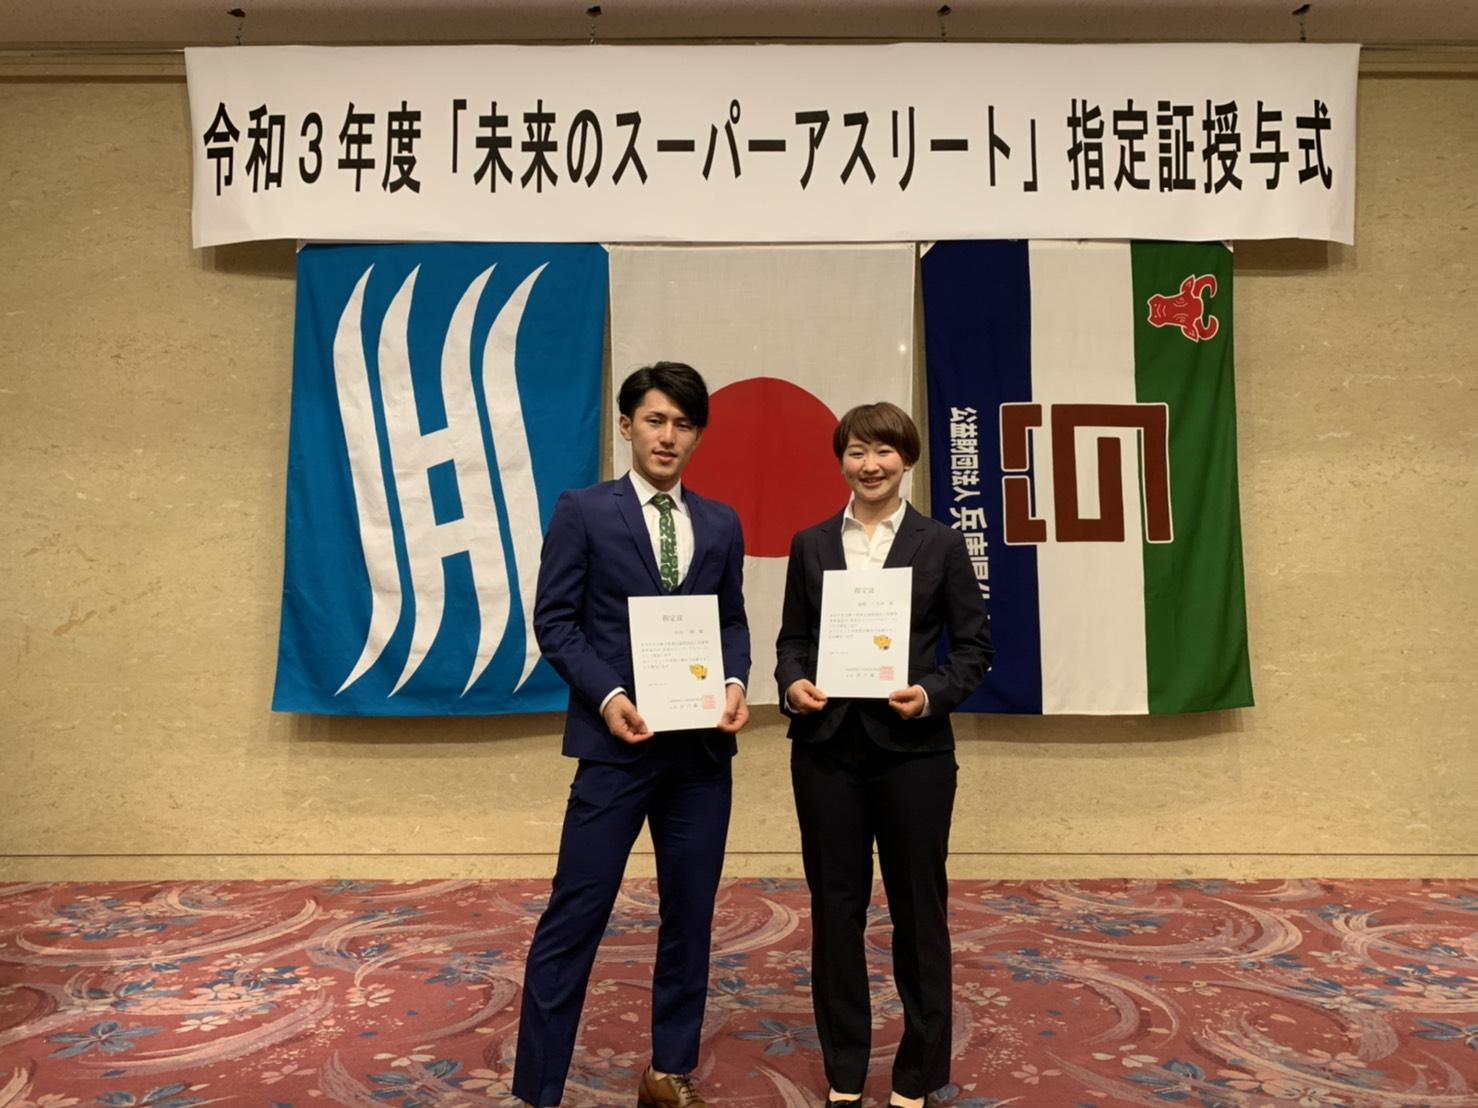 「未来のスーパーアスリート」にシュゼットHD所属スピードスケートショートトラック選手、小山陸・島根くるみ2名が選出されました